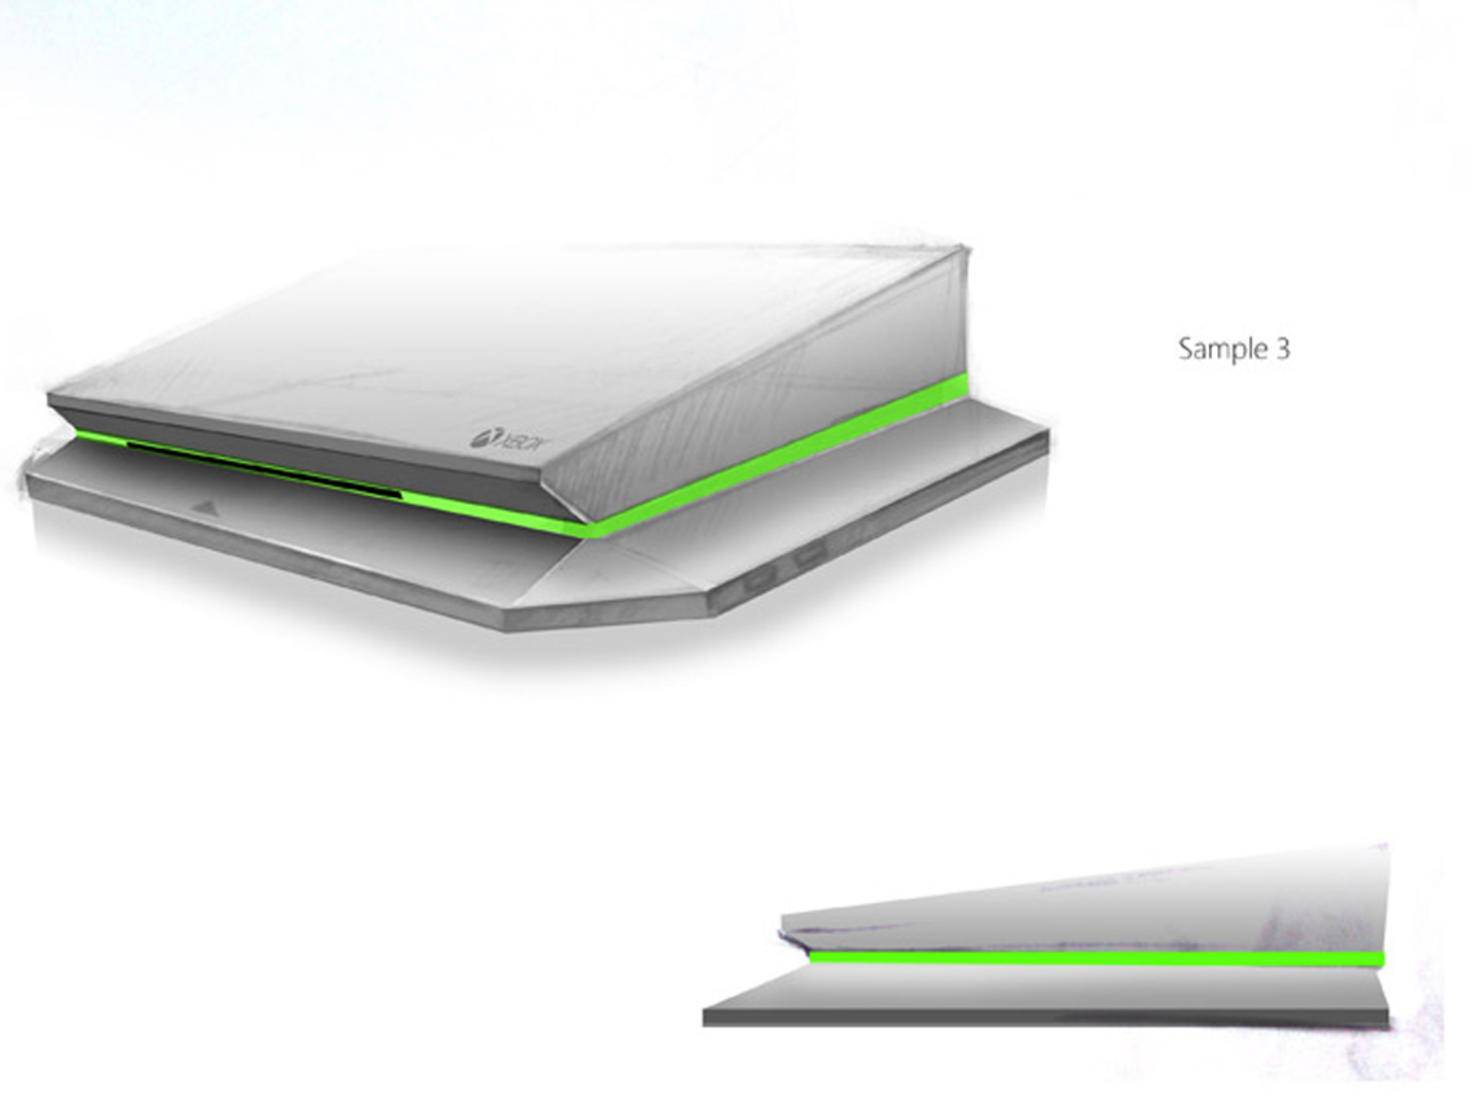 Konzeptbild: Wann zeigt Microsoft die nächste Xbox?